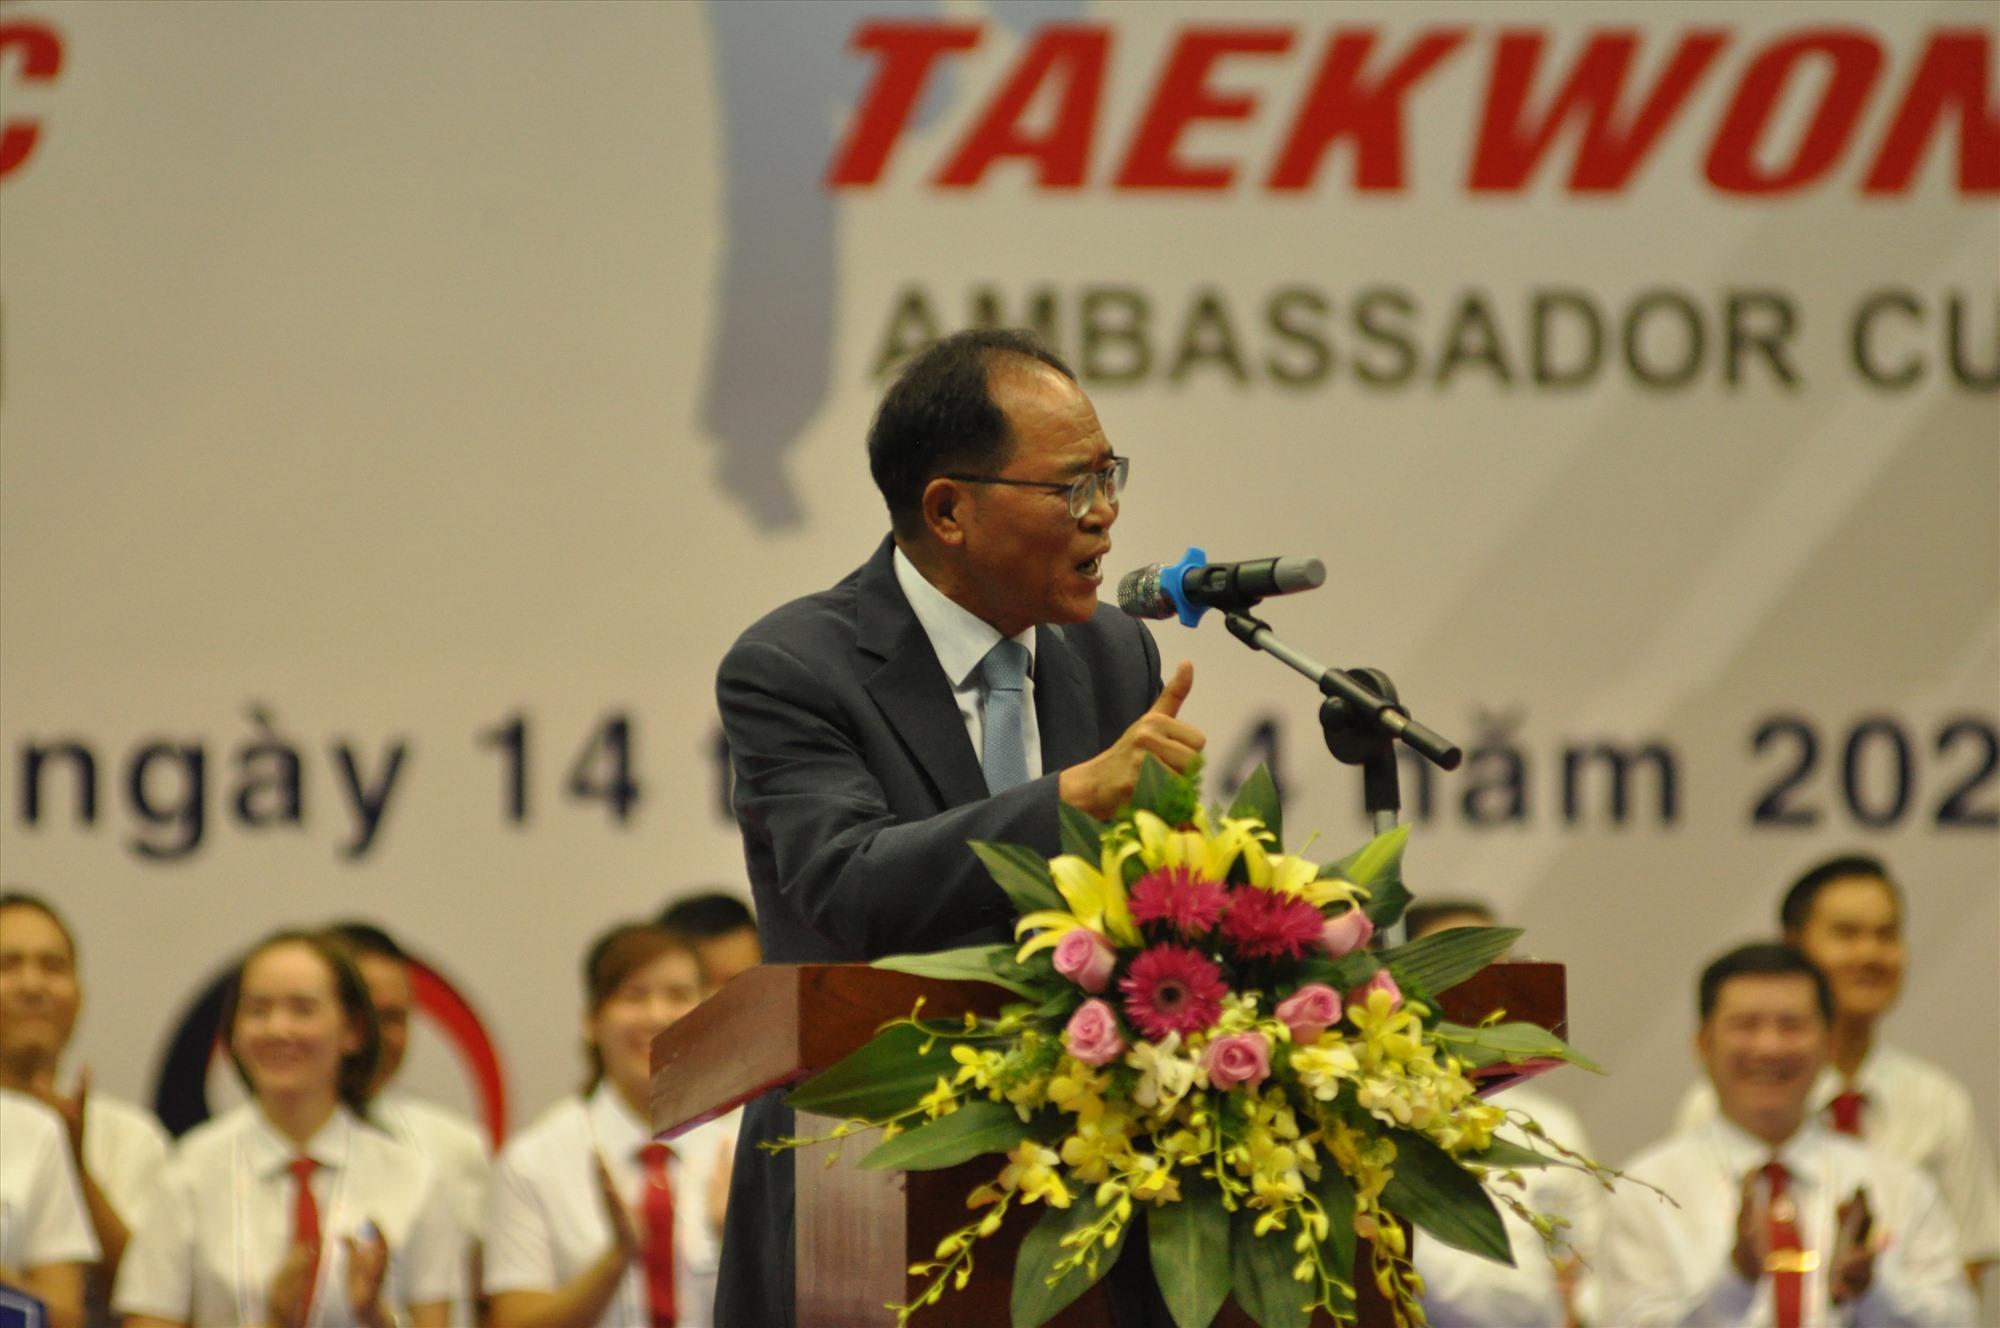 Đại sứ đặc mệnh toàn quyền Đại Hàn Dân quốc tại Việt Nam ông Park Noh wan phát biểu. Ảnh: T.V